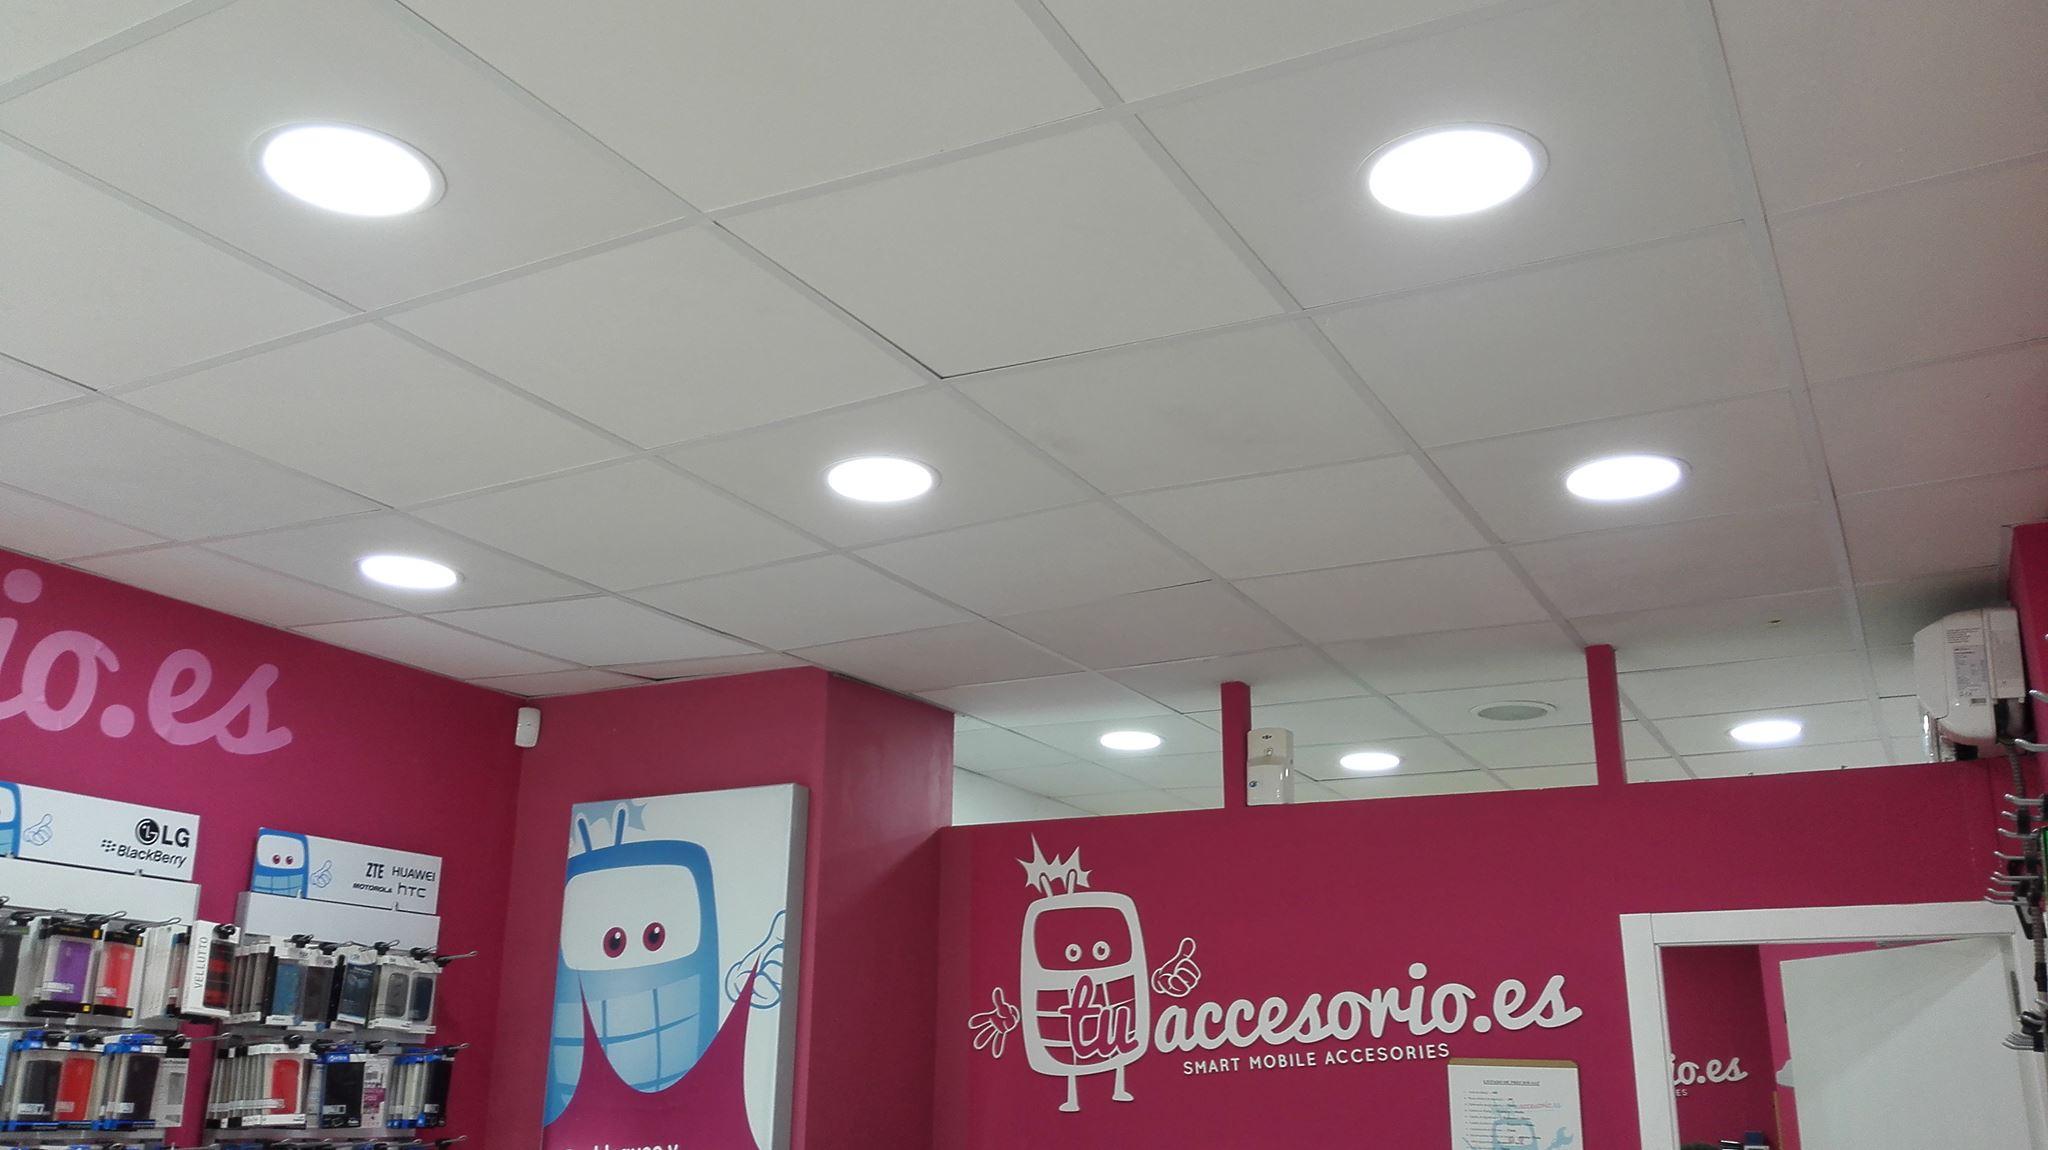 http://www.metelcor.es/wp-content/uploads/2016/02/proyecto_tienda_conexion_cordoba_imagen6.jpg